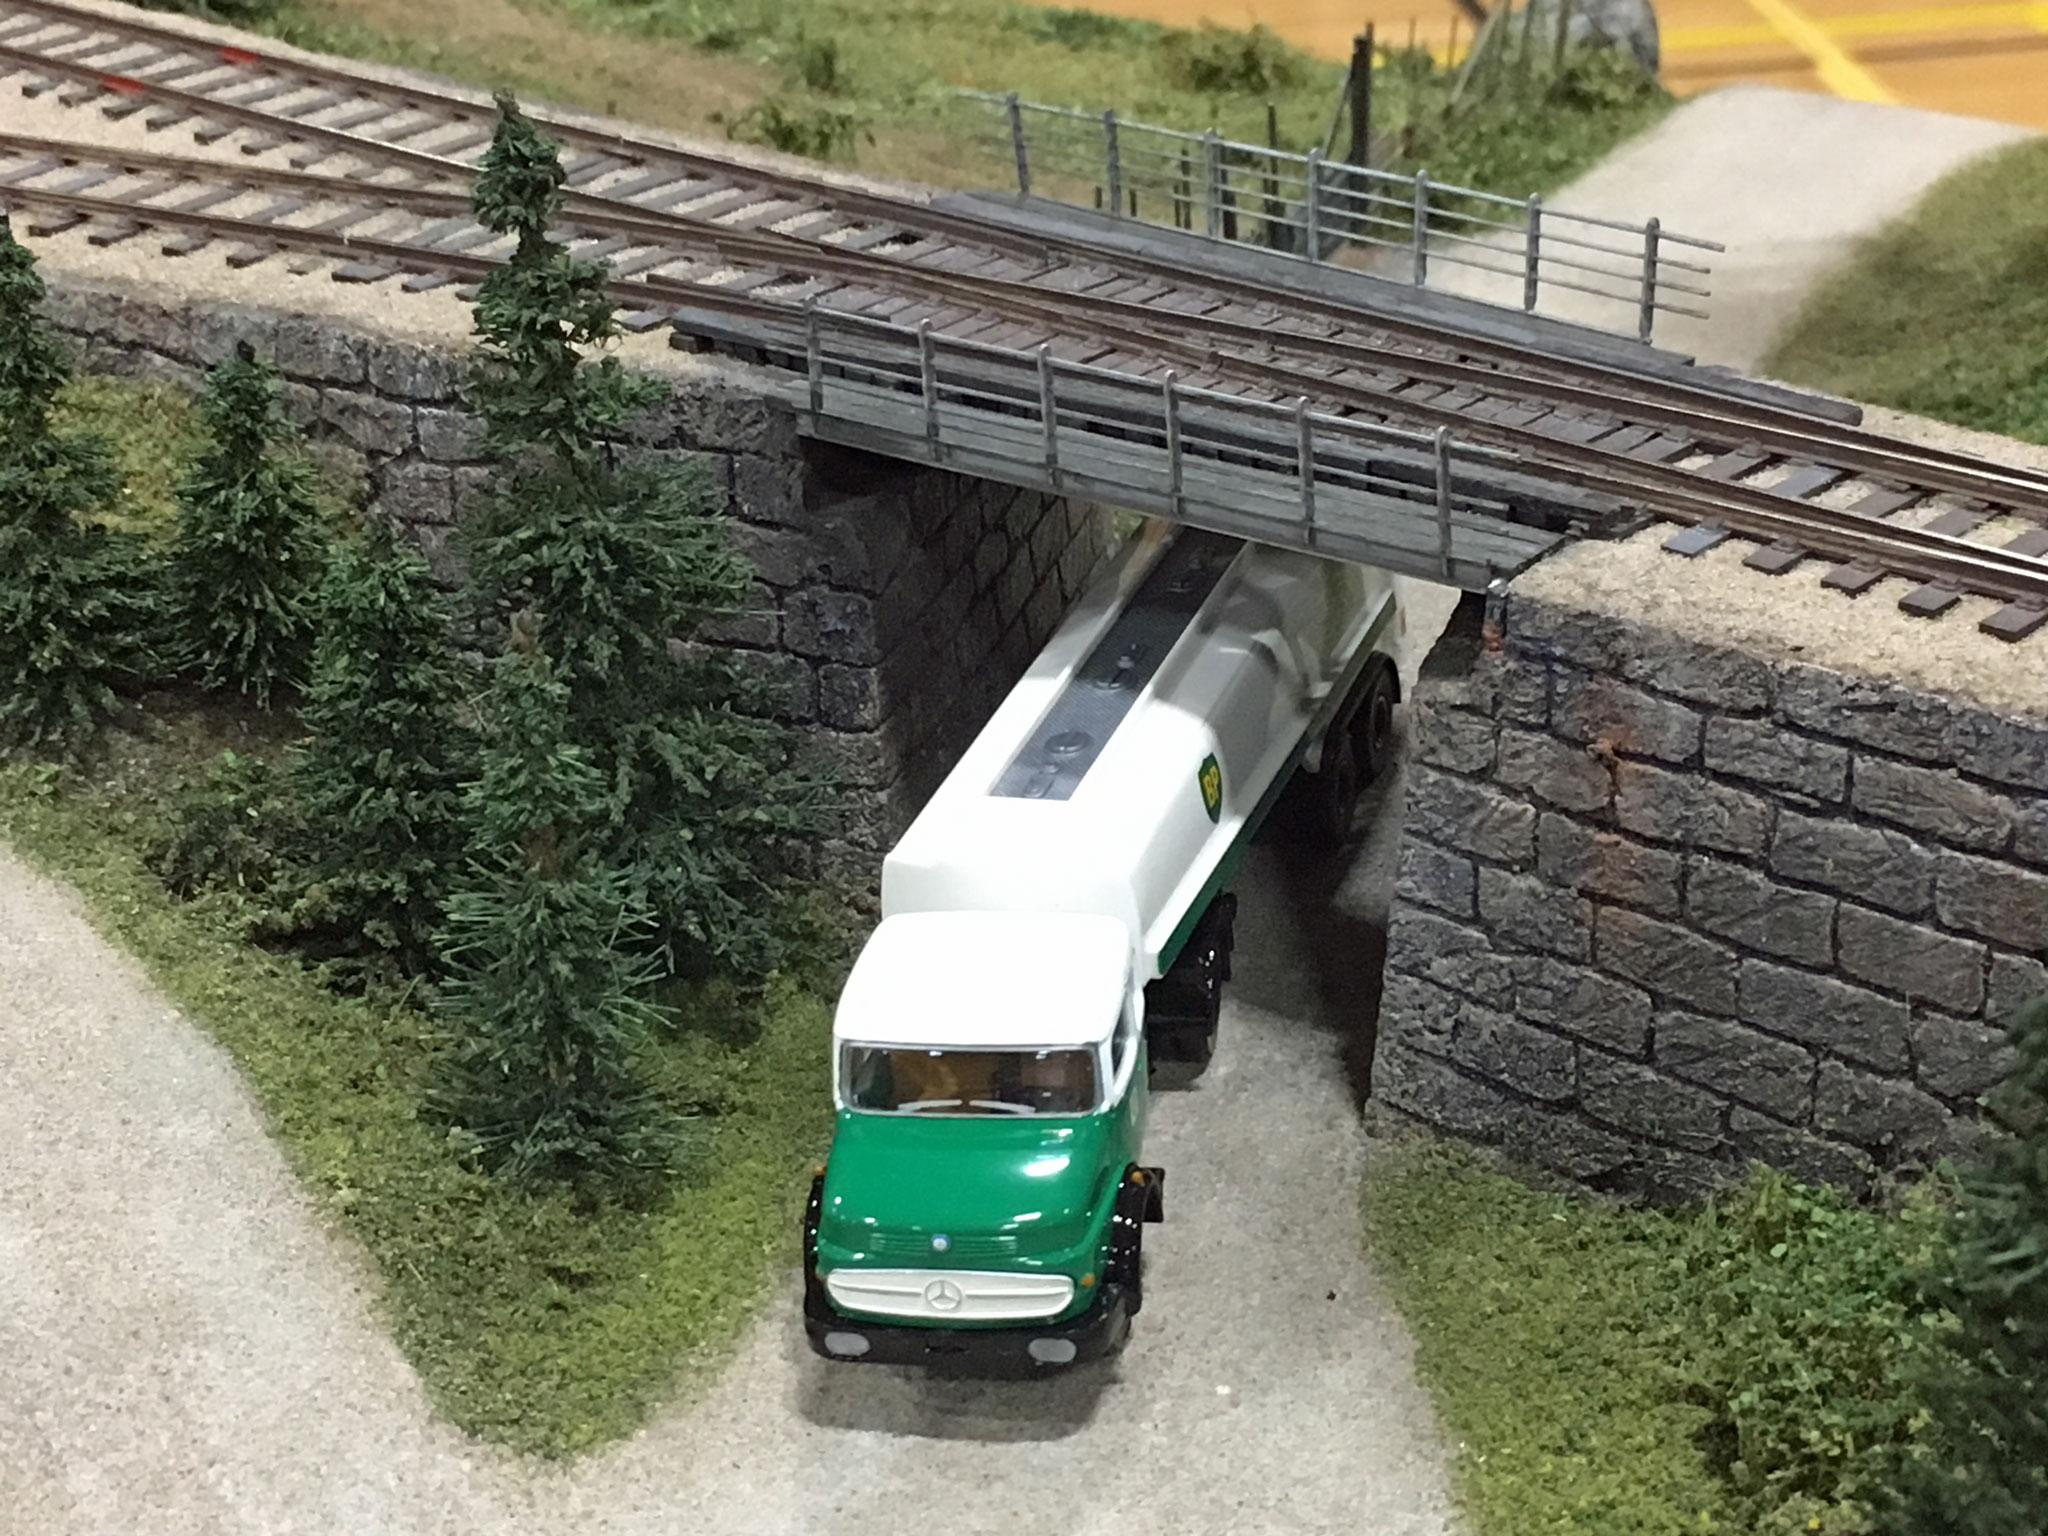 Broen med tankbilen fotograferet fra oven afslører et sporskifte på selve broen